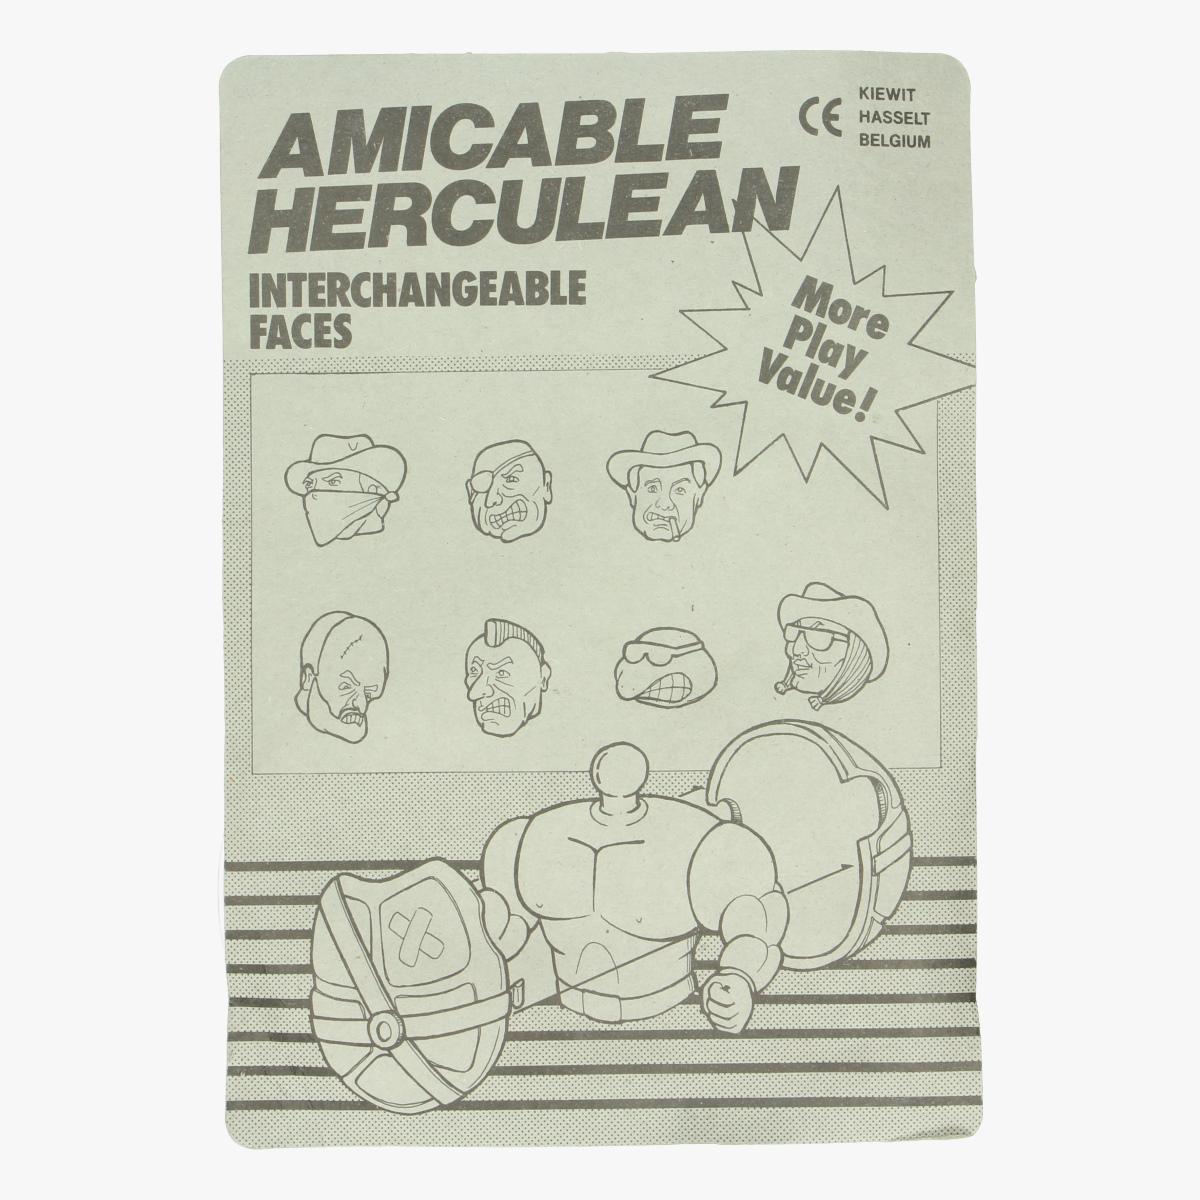 Afbeeldingen van Amicable Herculean Turtlemaniacs